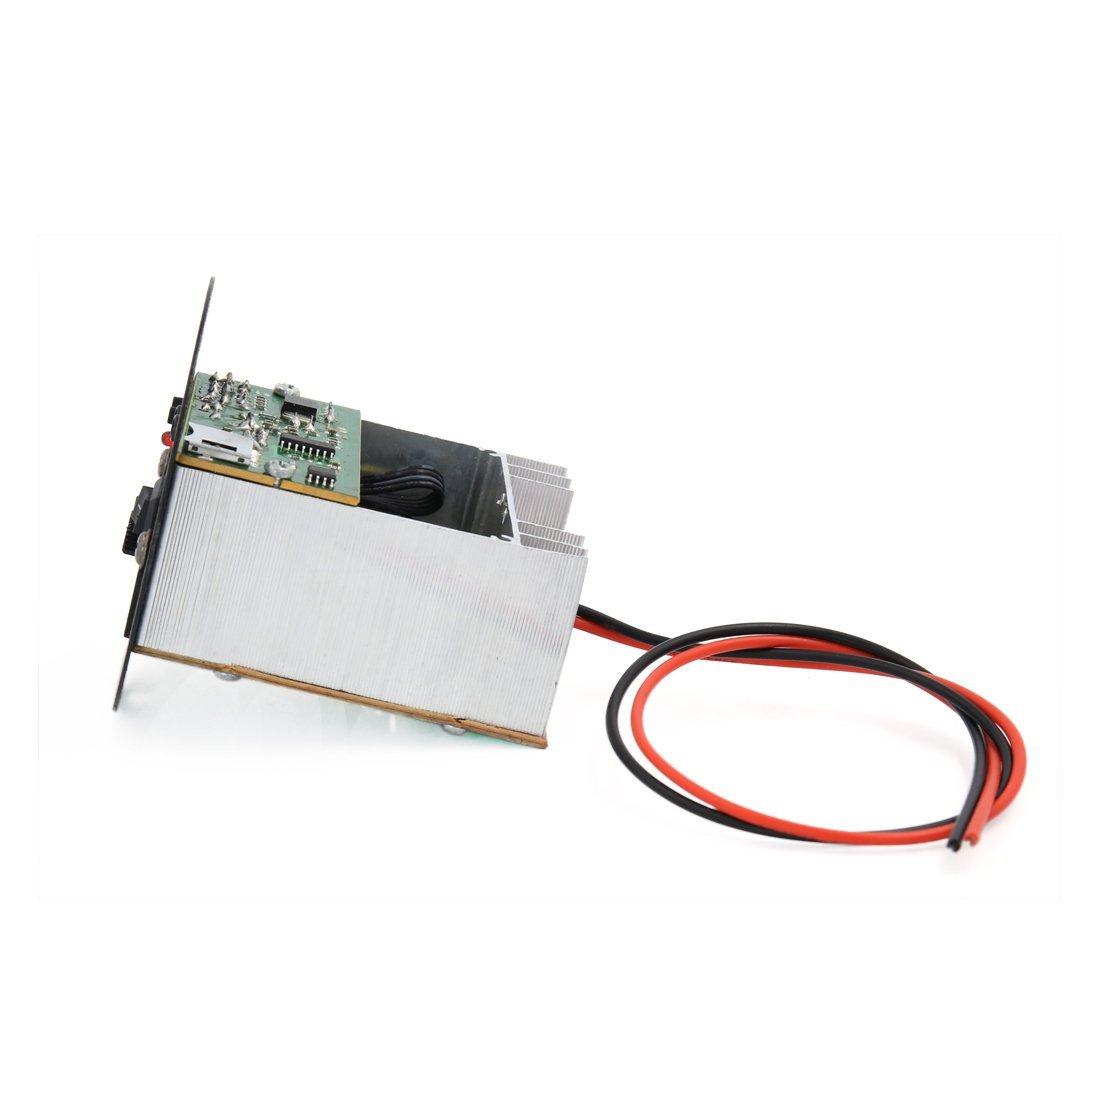 Amazon.com: Junta módulo amplificador Digital eDealMax DC 12V de Audio estéreo de alimentación Para el vehículo auto: Car Electronics